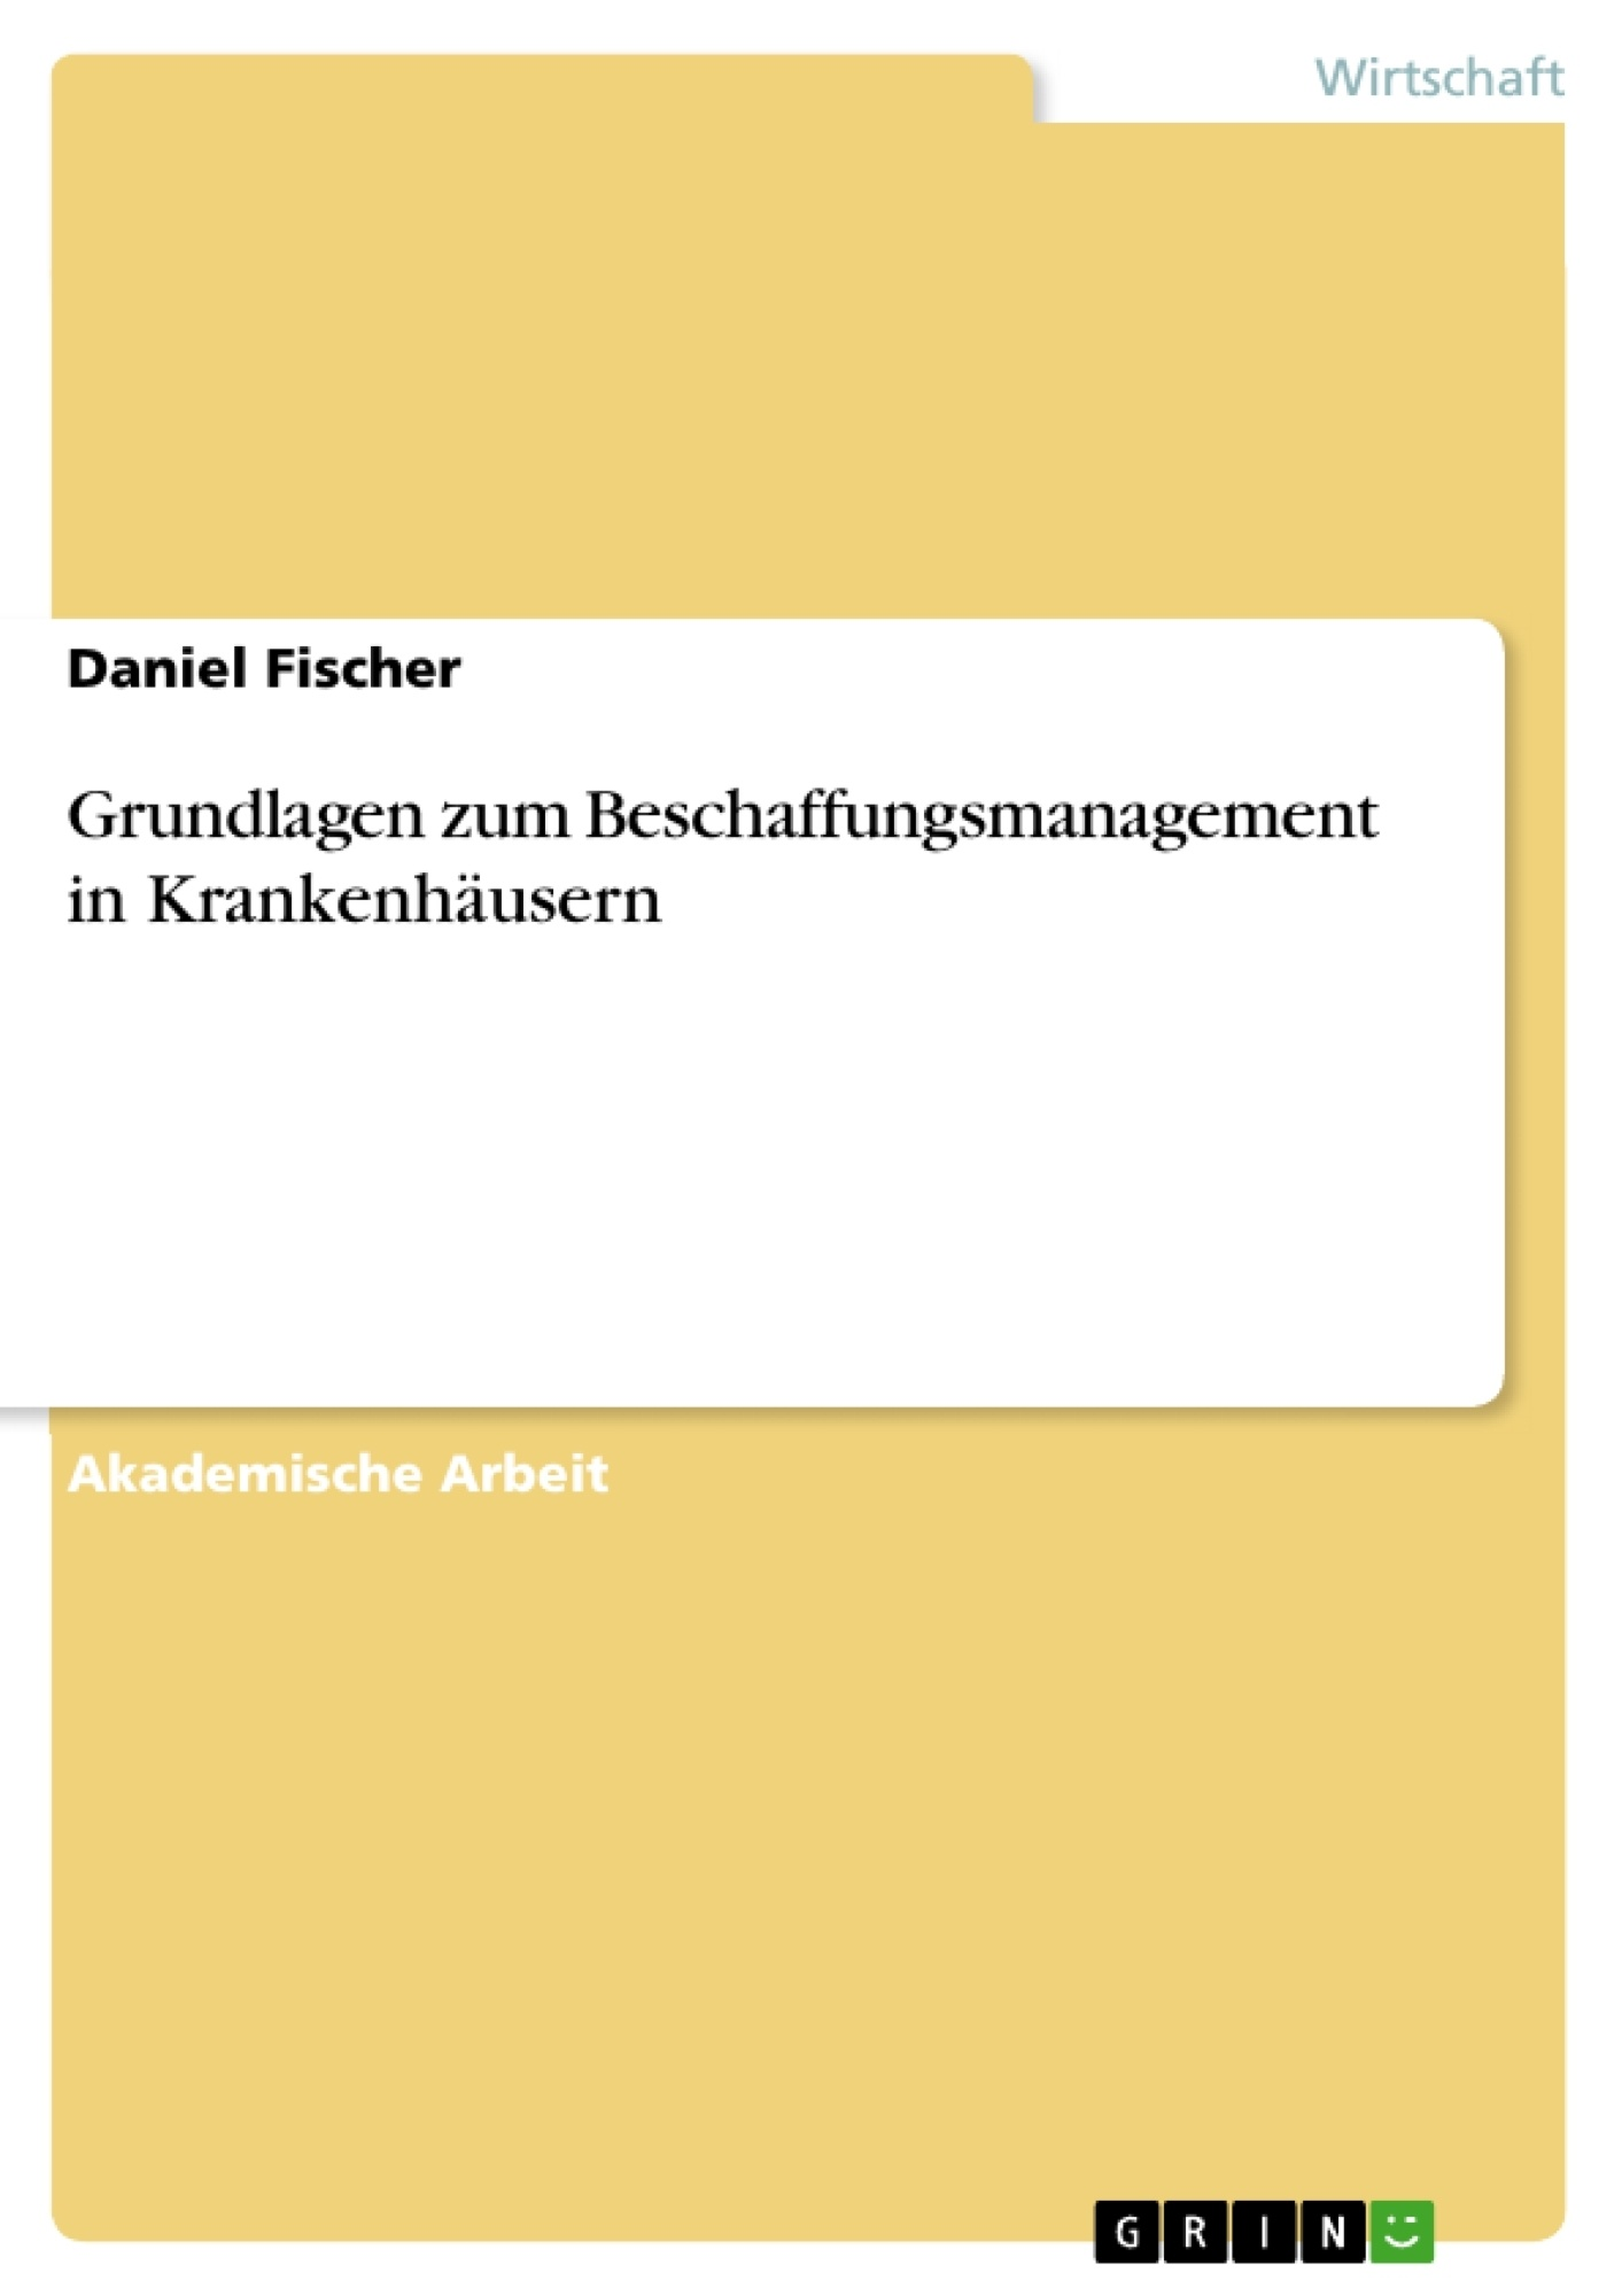 Titel: Grundlagen zum Beschaffungsmanagement in Krankenhäusern